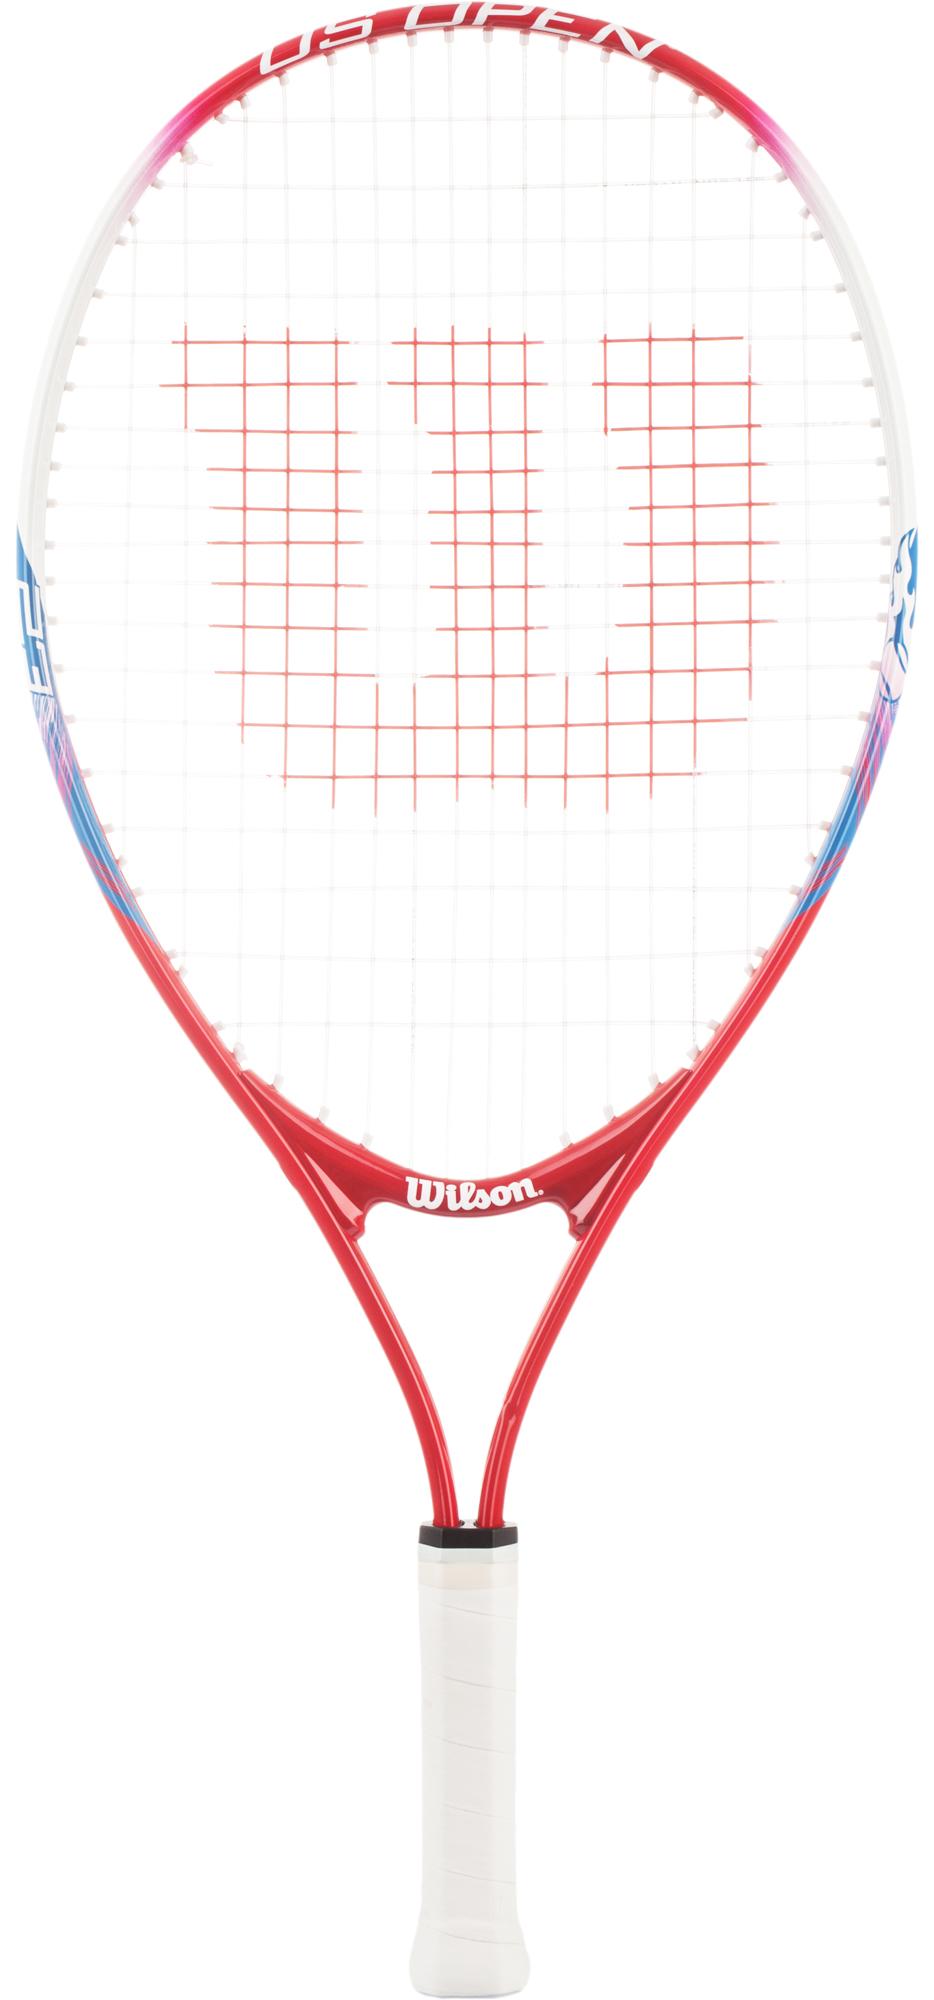 Wilson Ракетка для большого тенниса детская Wilson US Open 23 wilson ракетка для большого тенниса детская wilson roger federer 23 размер без размера